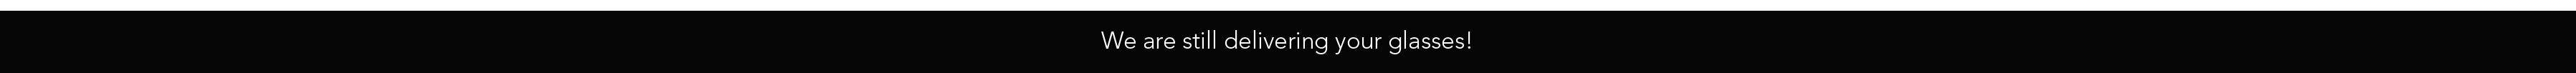 new_delivery_banner_desktop